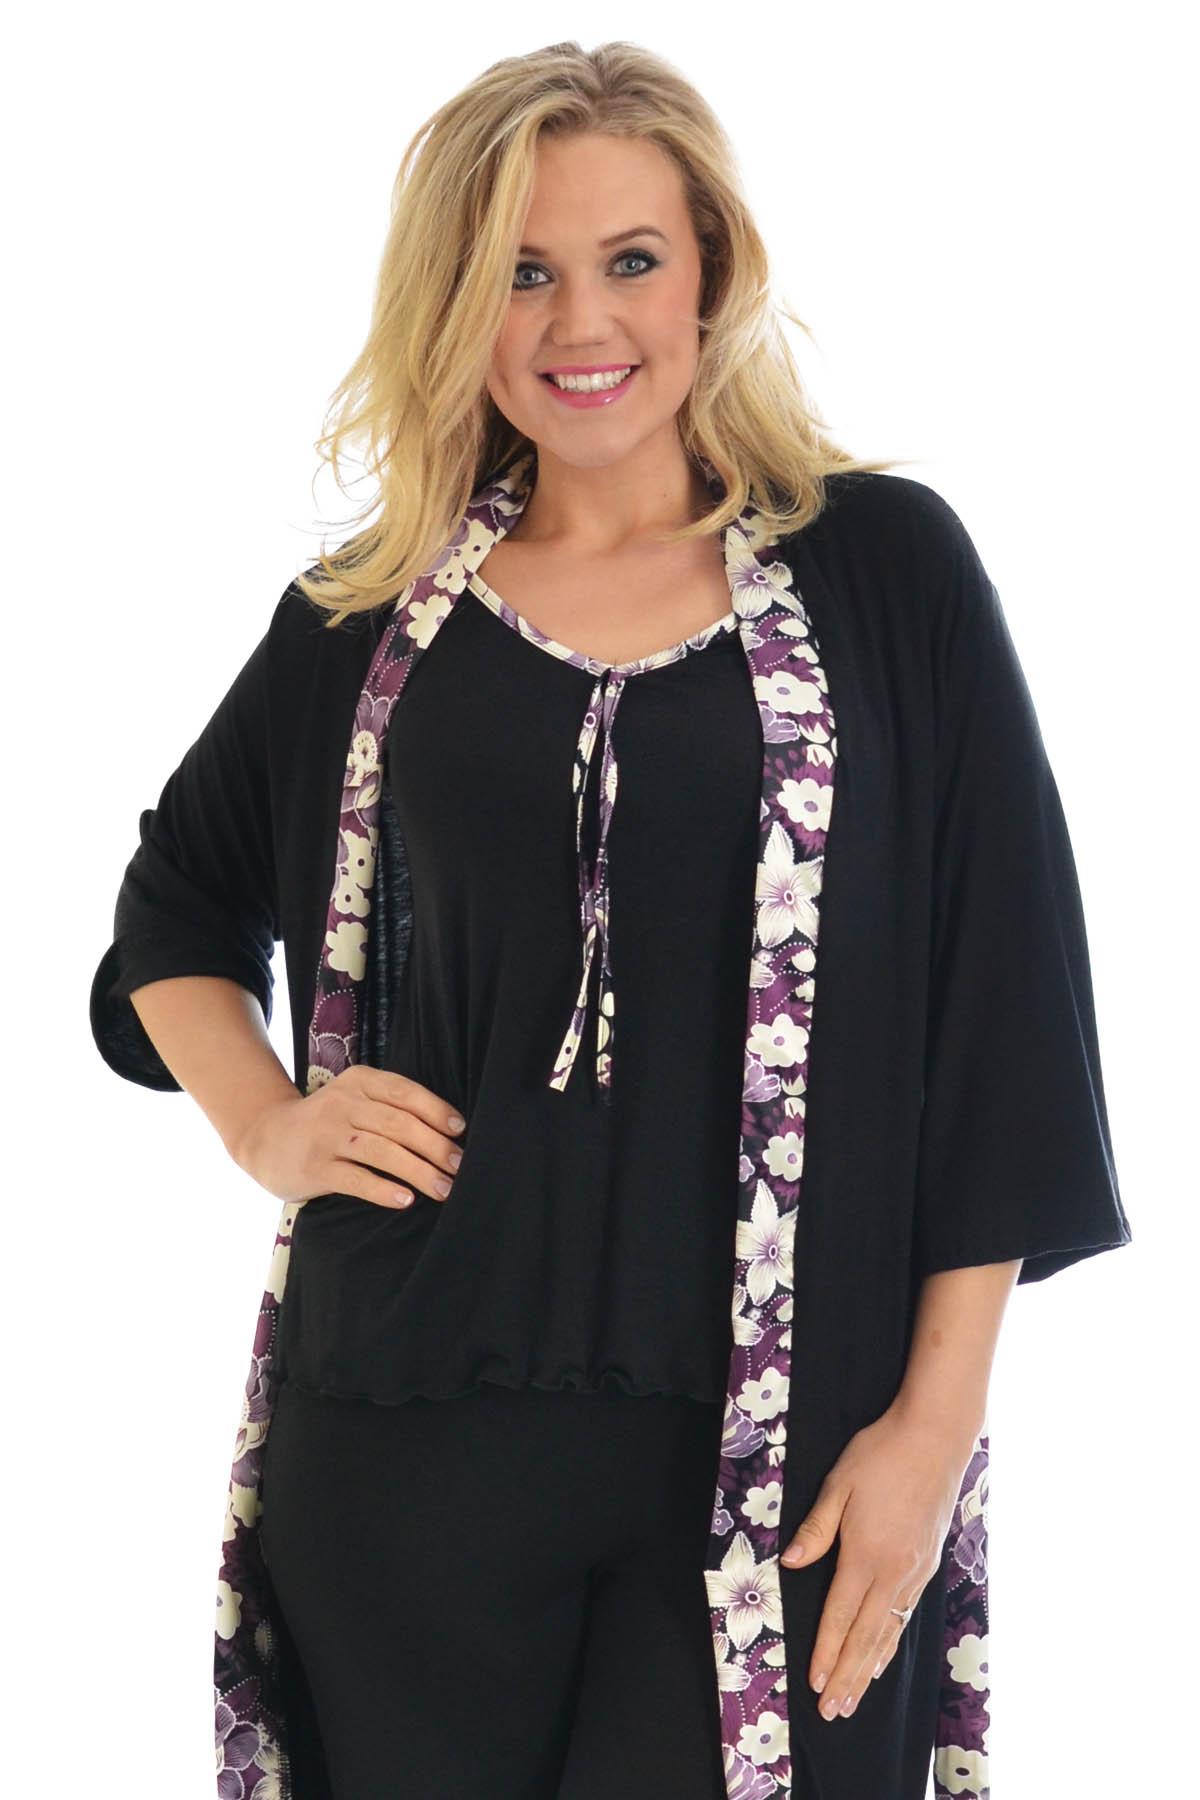 neue frauen bergr e kleid damen cami schlafanzug blumen satin trimmen pj set ebay. Black Bedroom Furniture Sets. Home Design Ideas